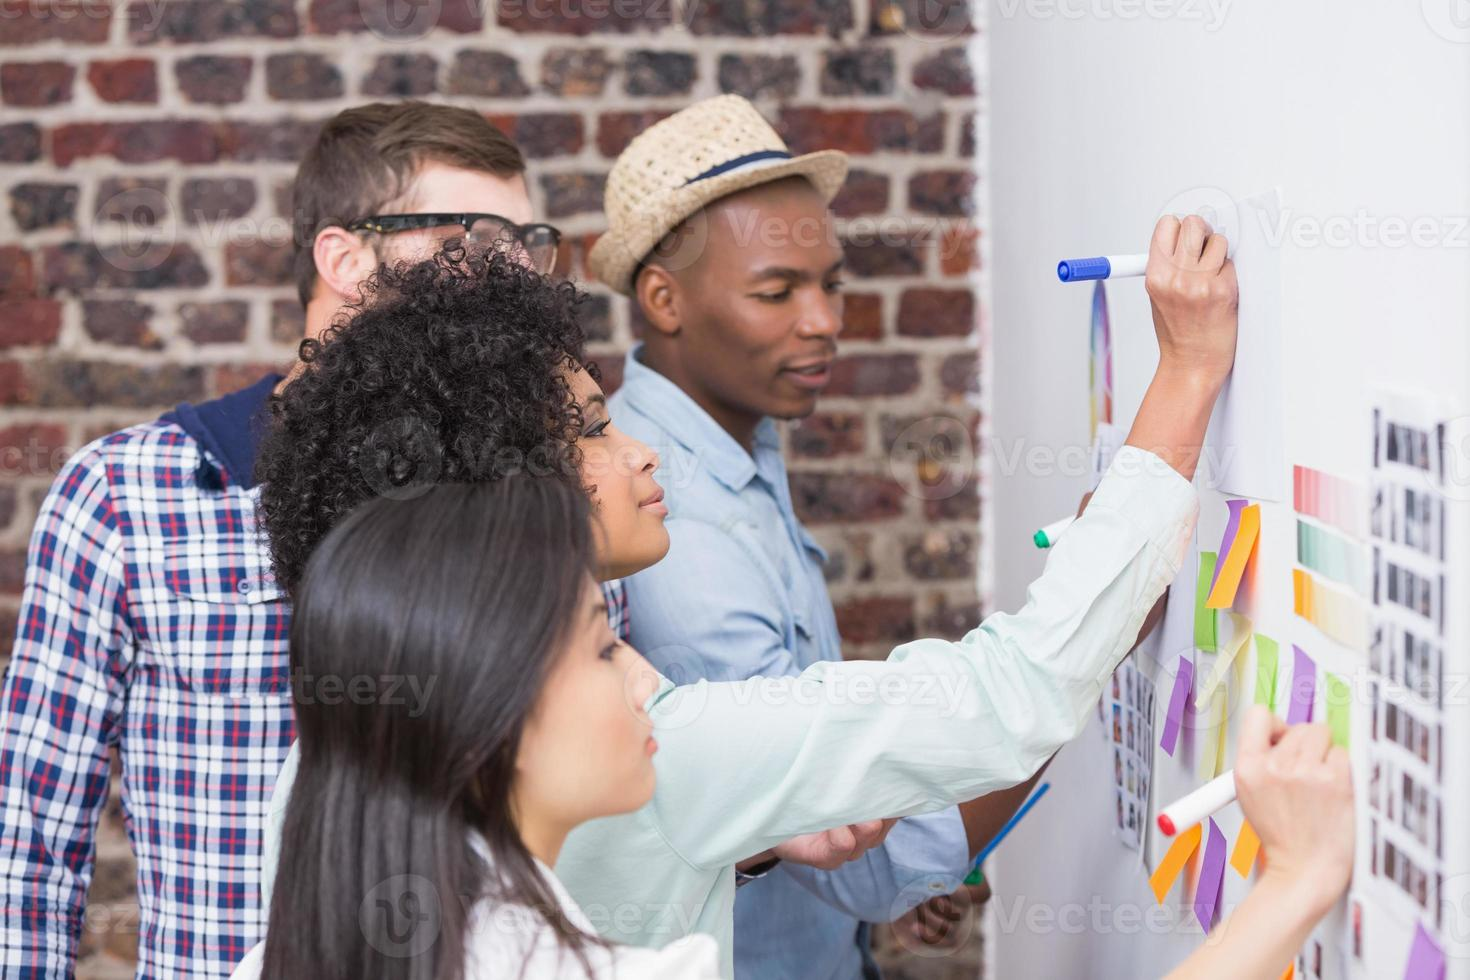 equipe olhando notas autoadesivas na parede foto